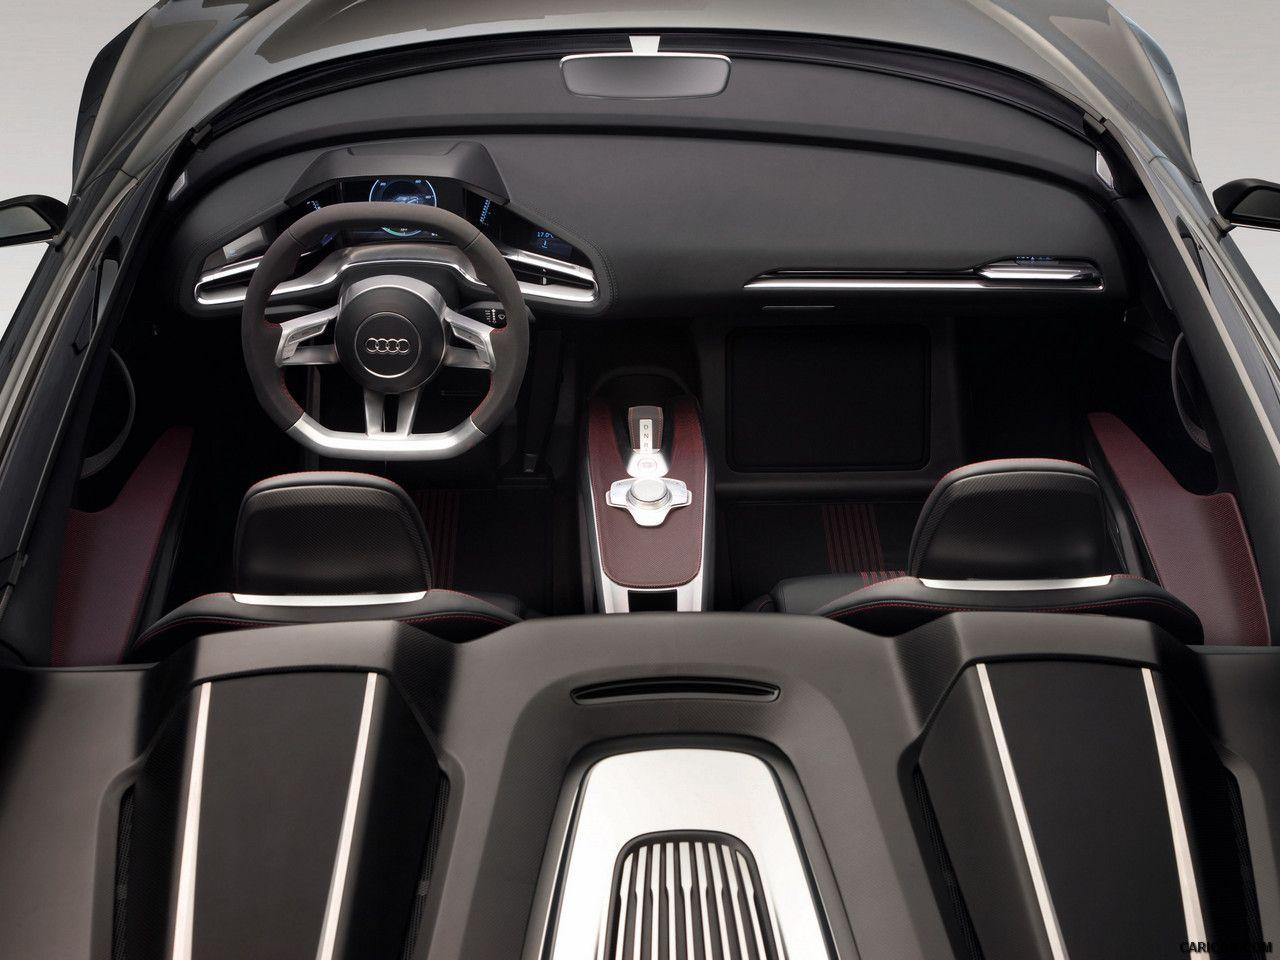 2010 Audi E Tron Spyder Concept Wallpaper In 2020 Audi E Tron E